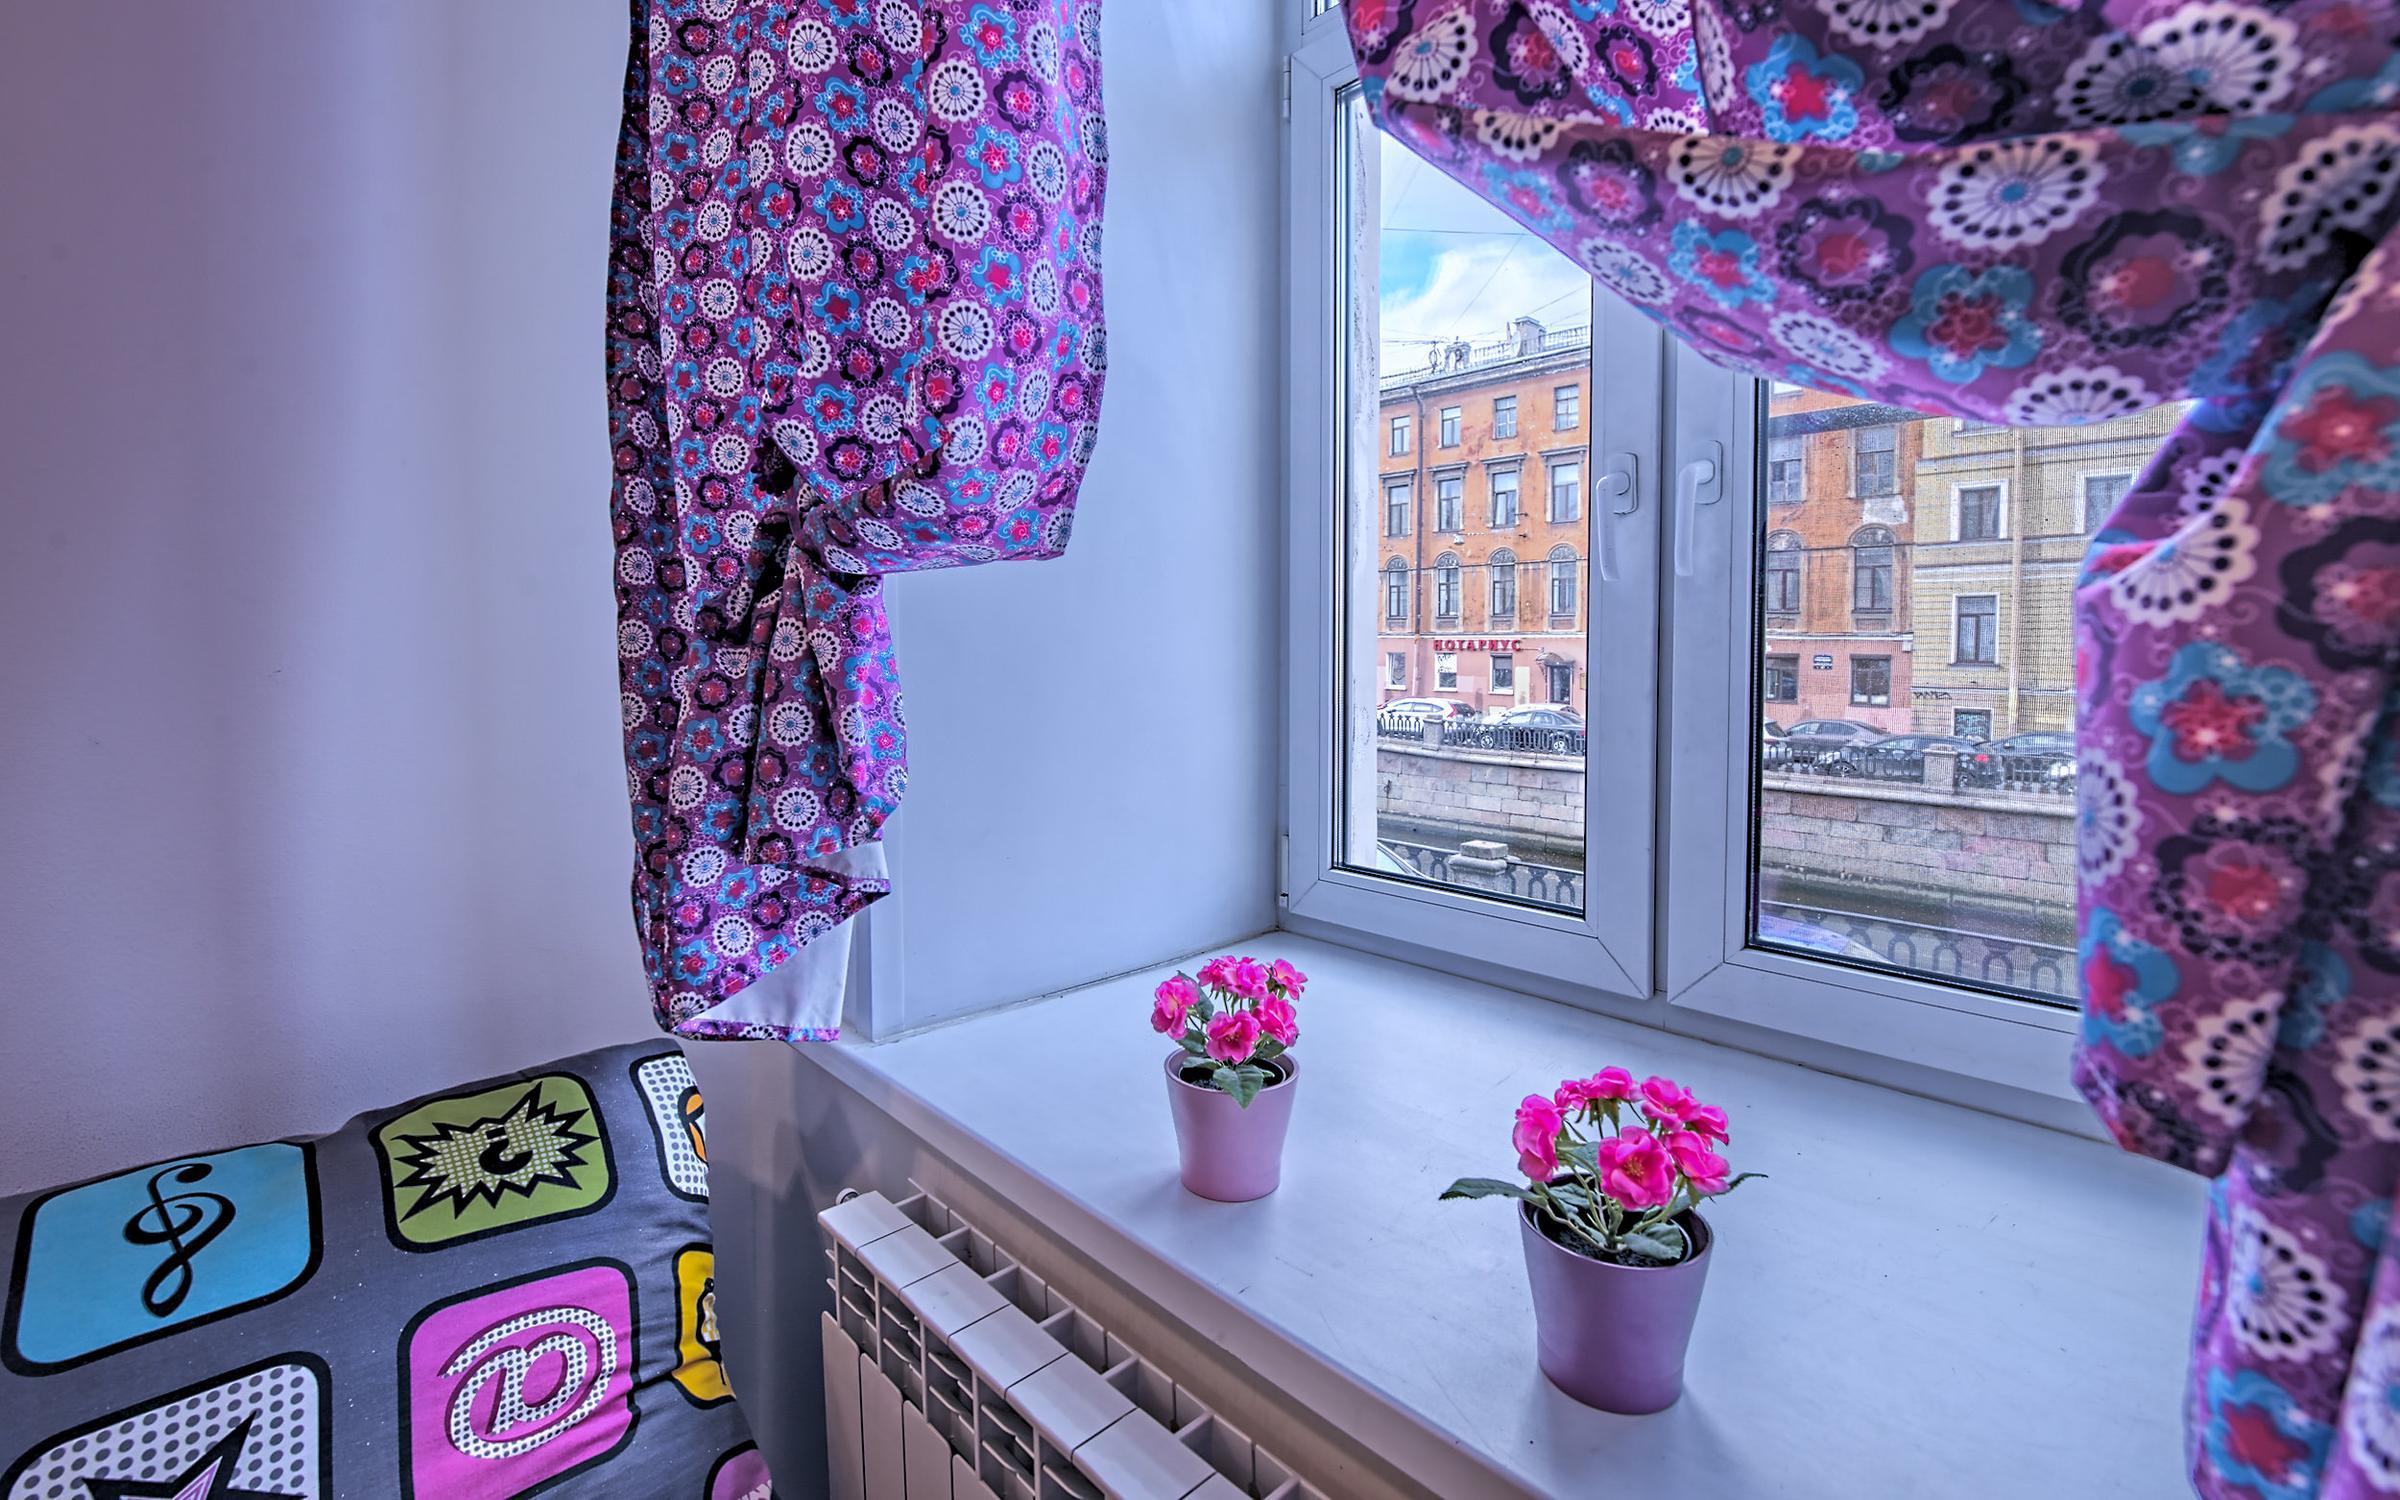 Апартаменты цветной петербург отзывы работа в турции на лето